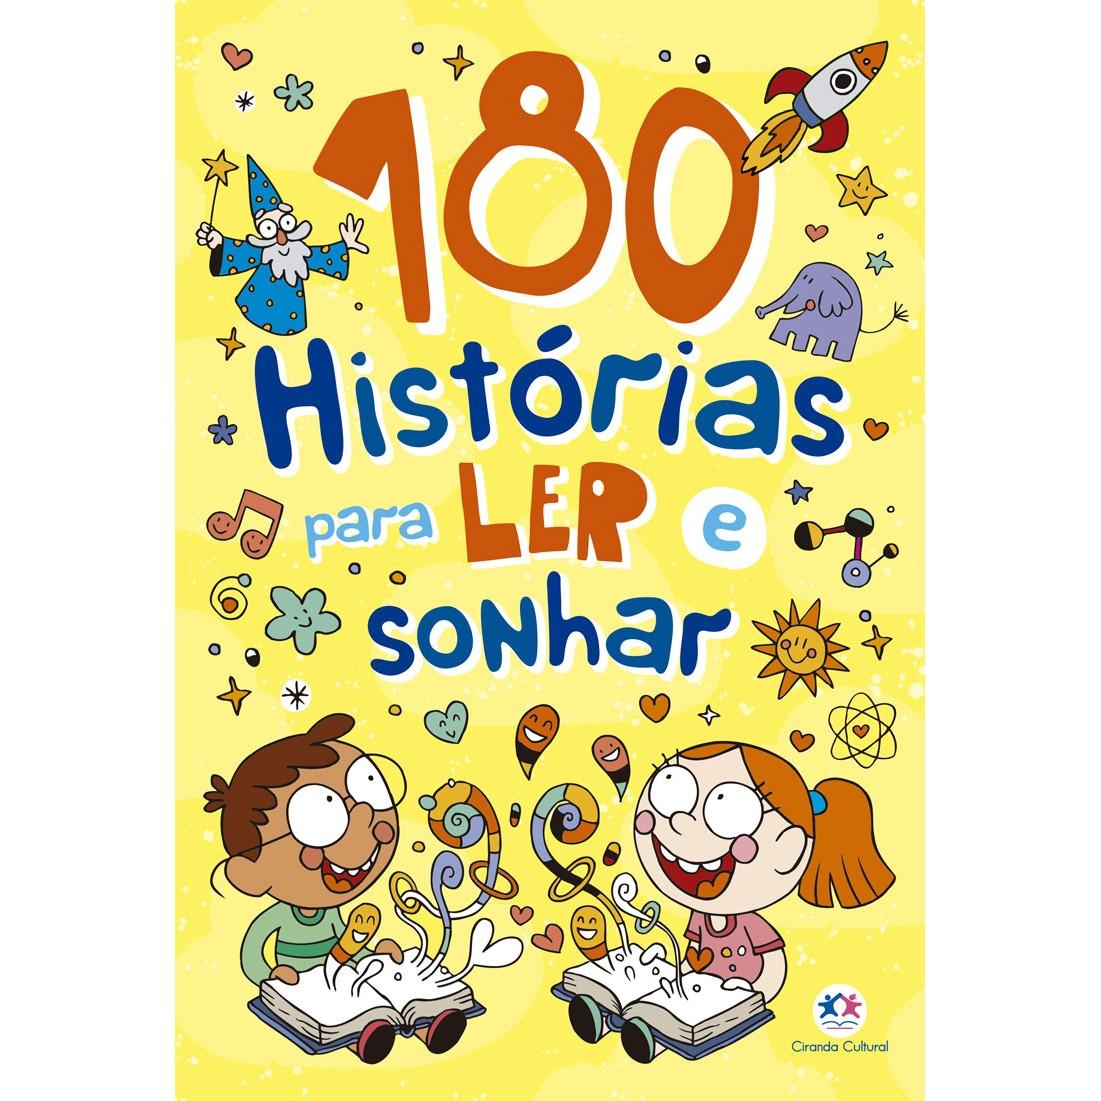 Livro 180 Historias para Ler e Sonhar - Ciranda Cultural